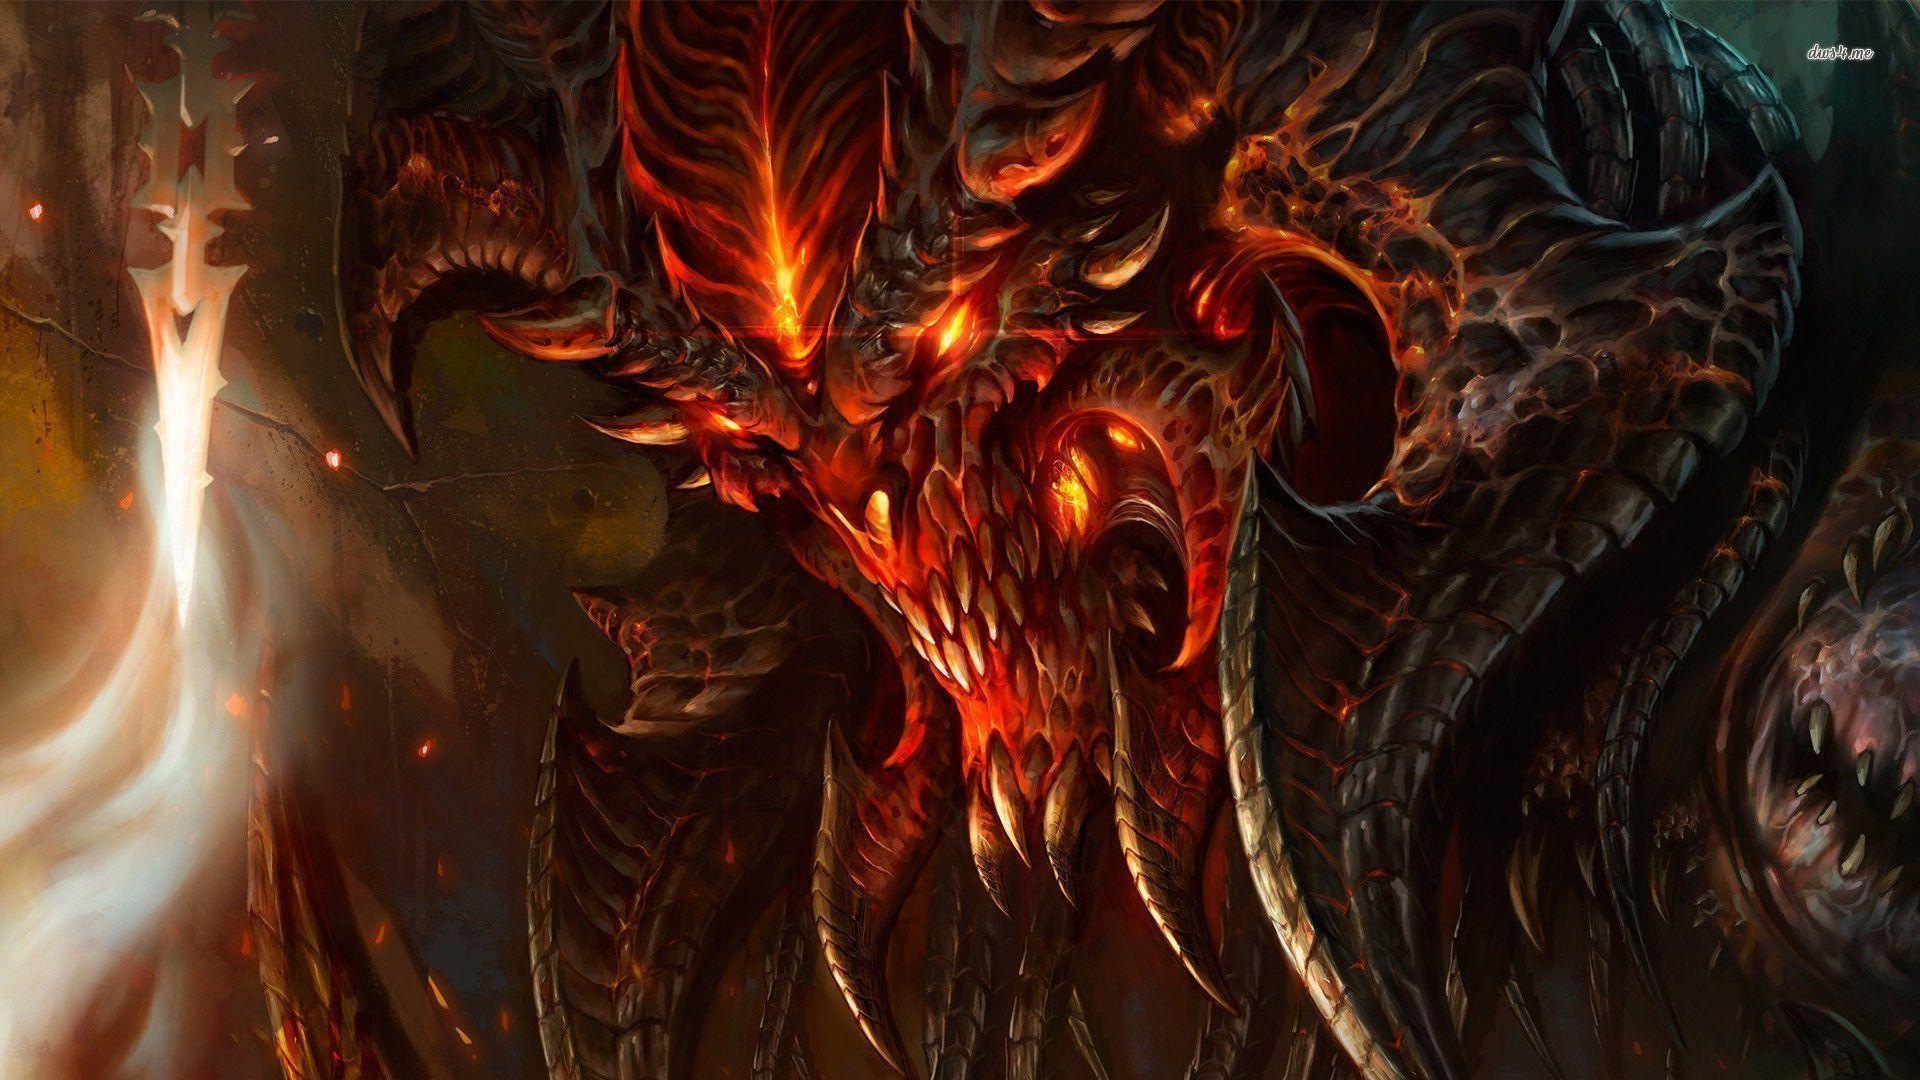 El Diablo Wallpapers (64+ images)